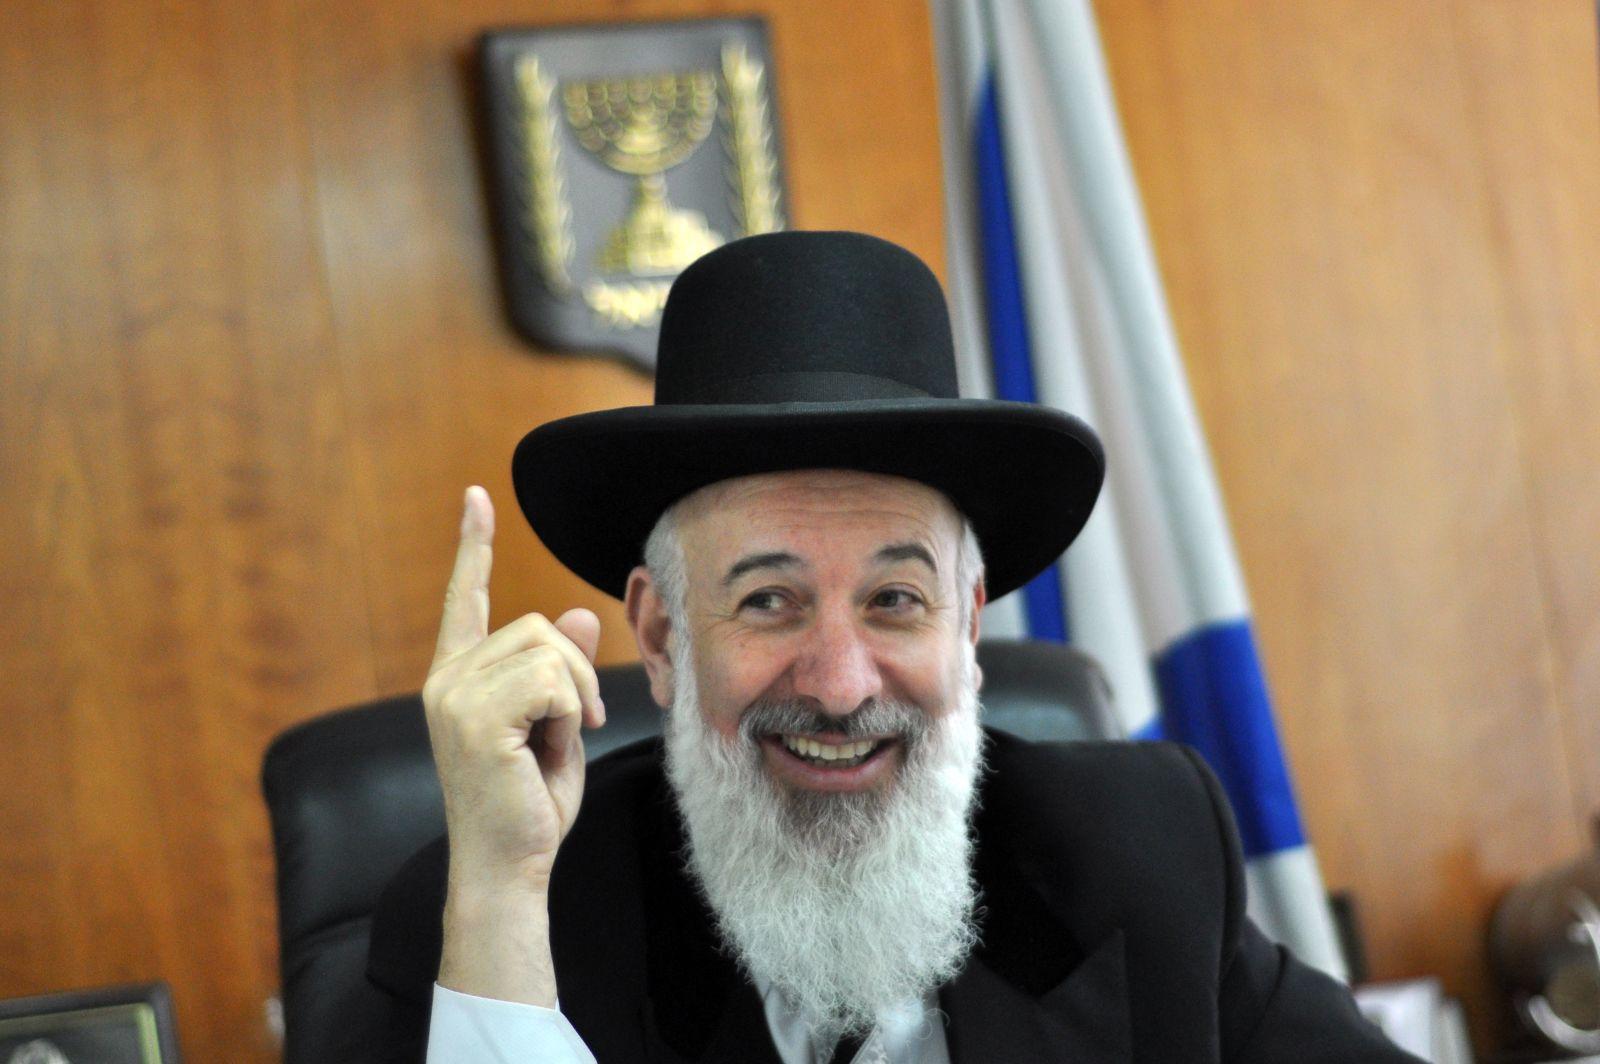 הרב יונה מצגר בלשכתו, 14.4.11 (צילום: יואב ארי דודקביץ')